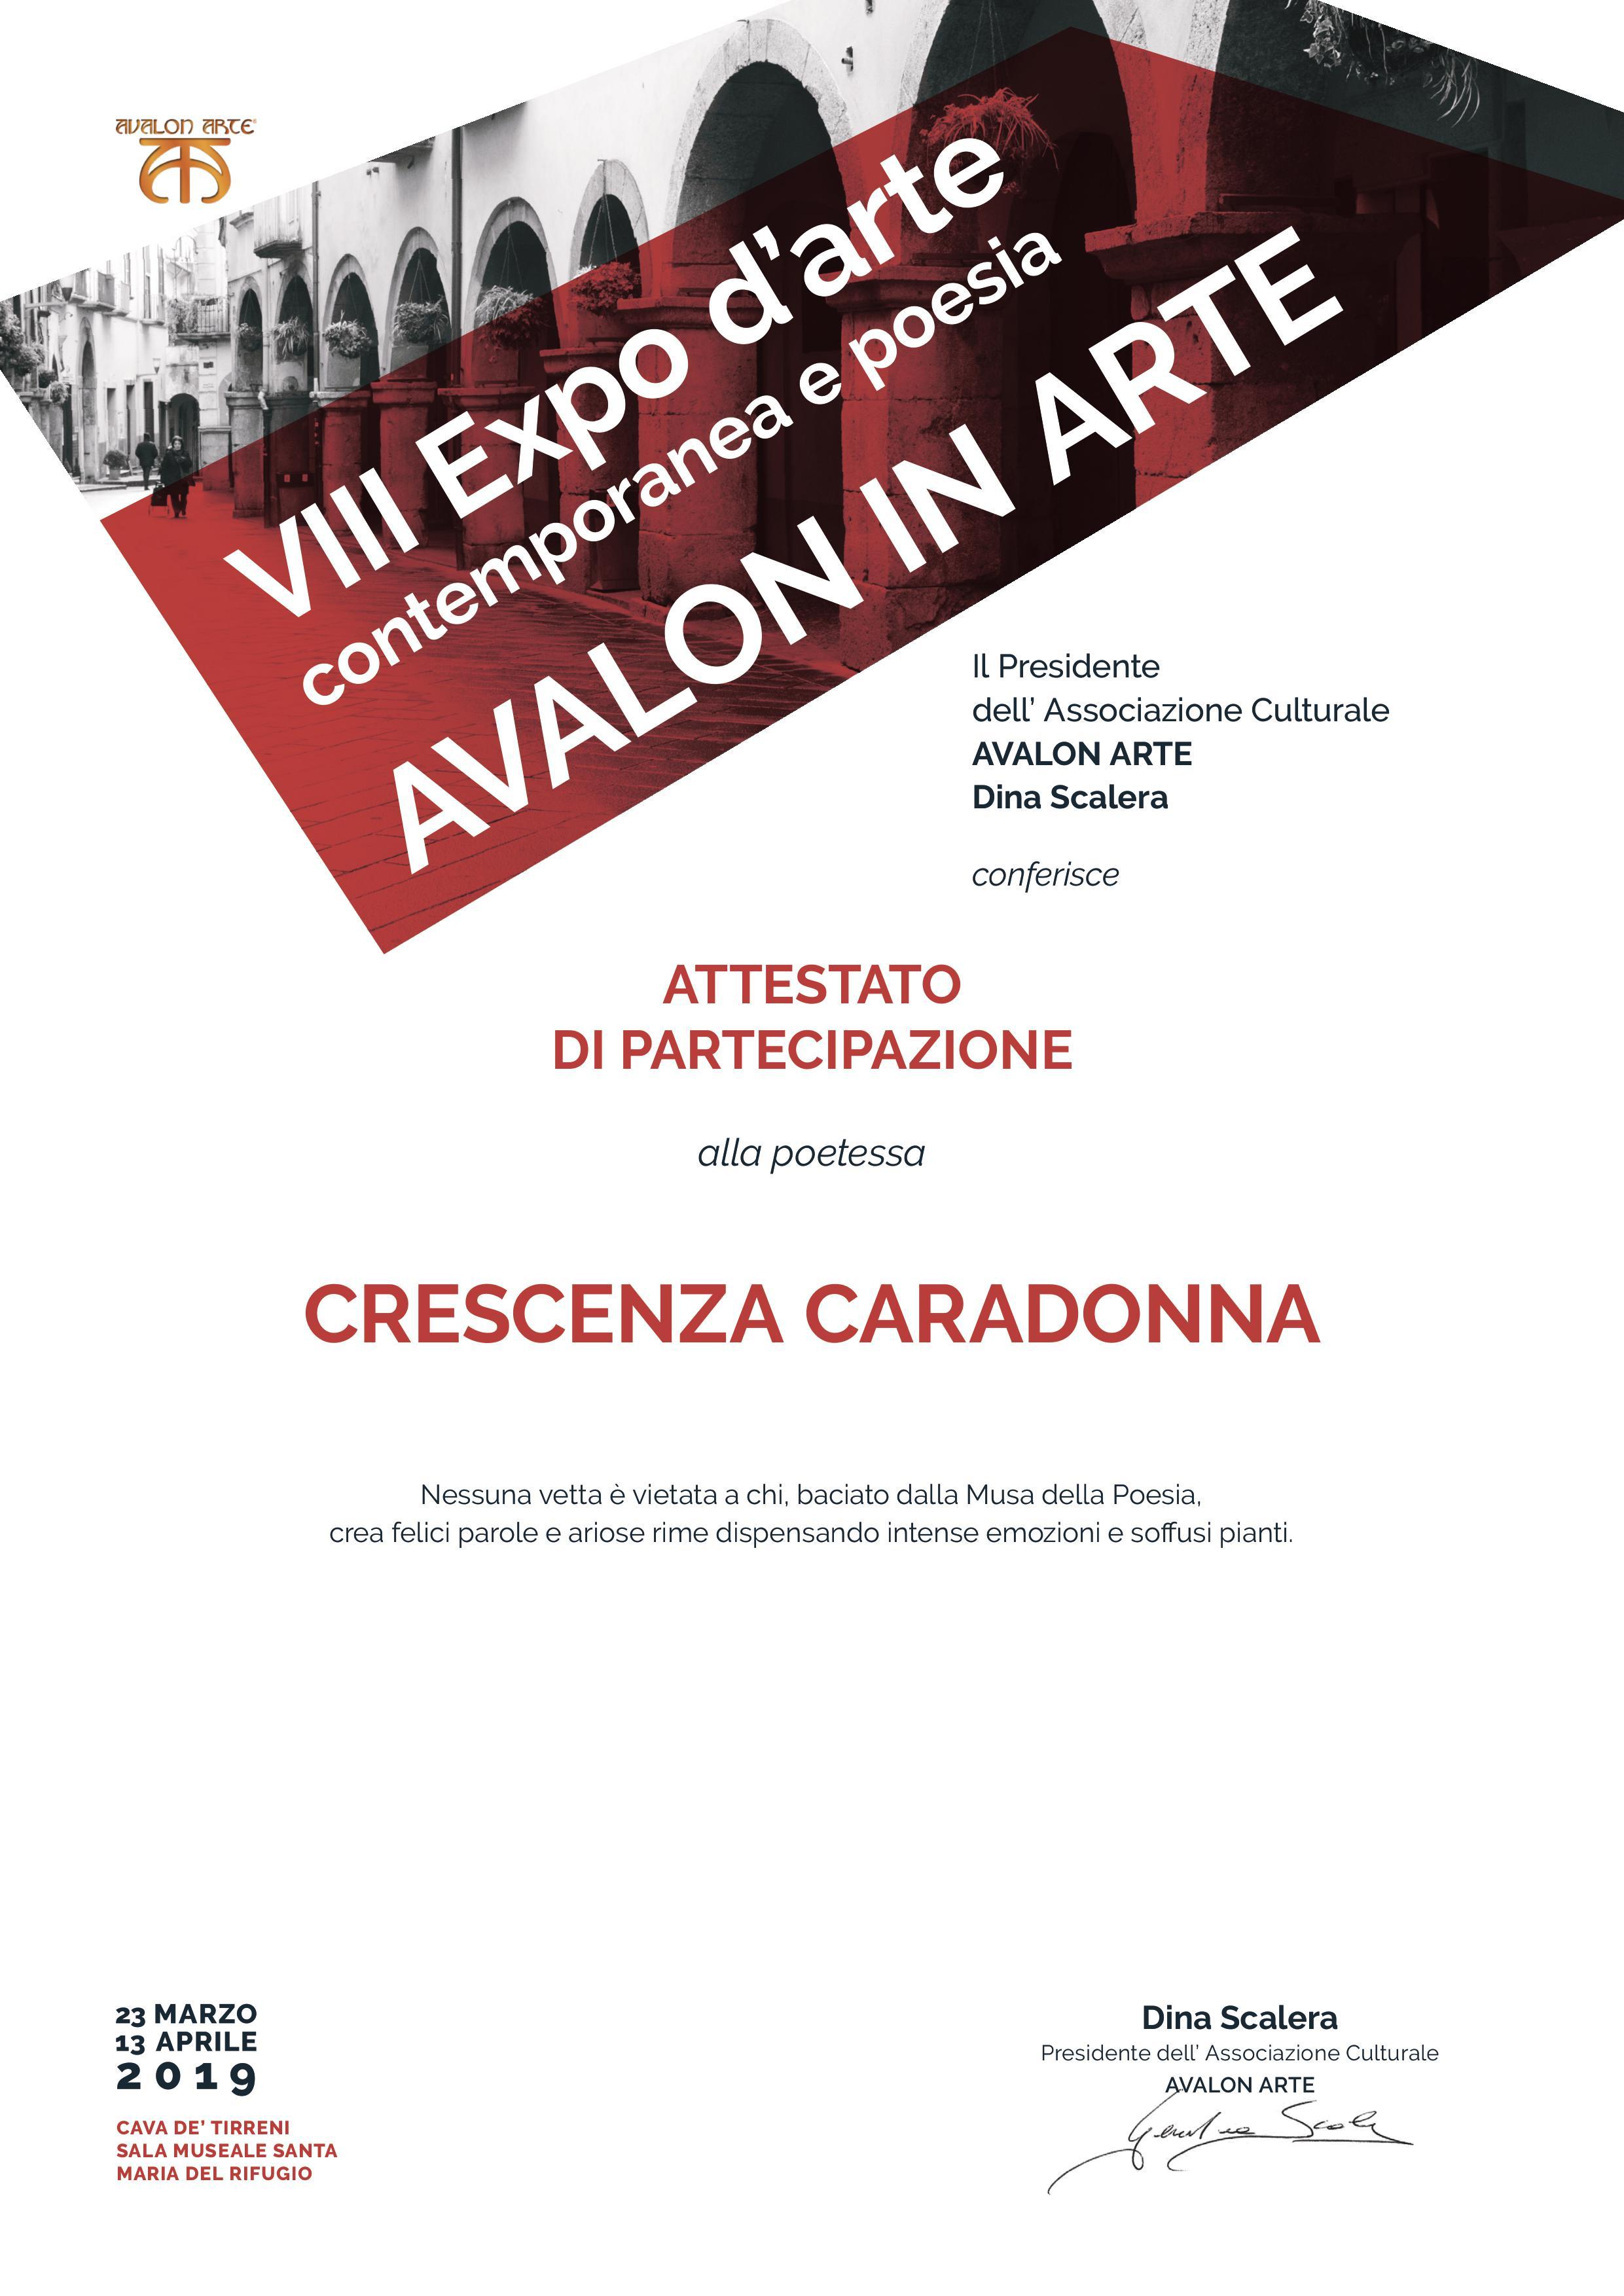 """VIII EDIZIONE EXPO D'ARTE CONTEMPORANEA E POESIA """"AVALON IN ARTE"""" – Cava De' Tirreni"""" attestato a Crescenza Caradonna"""